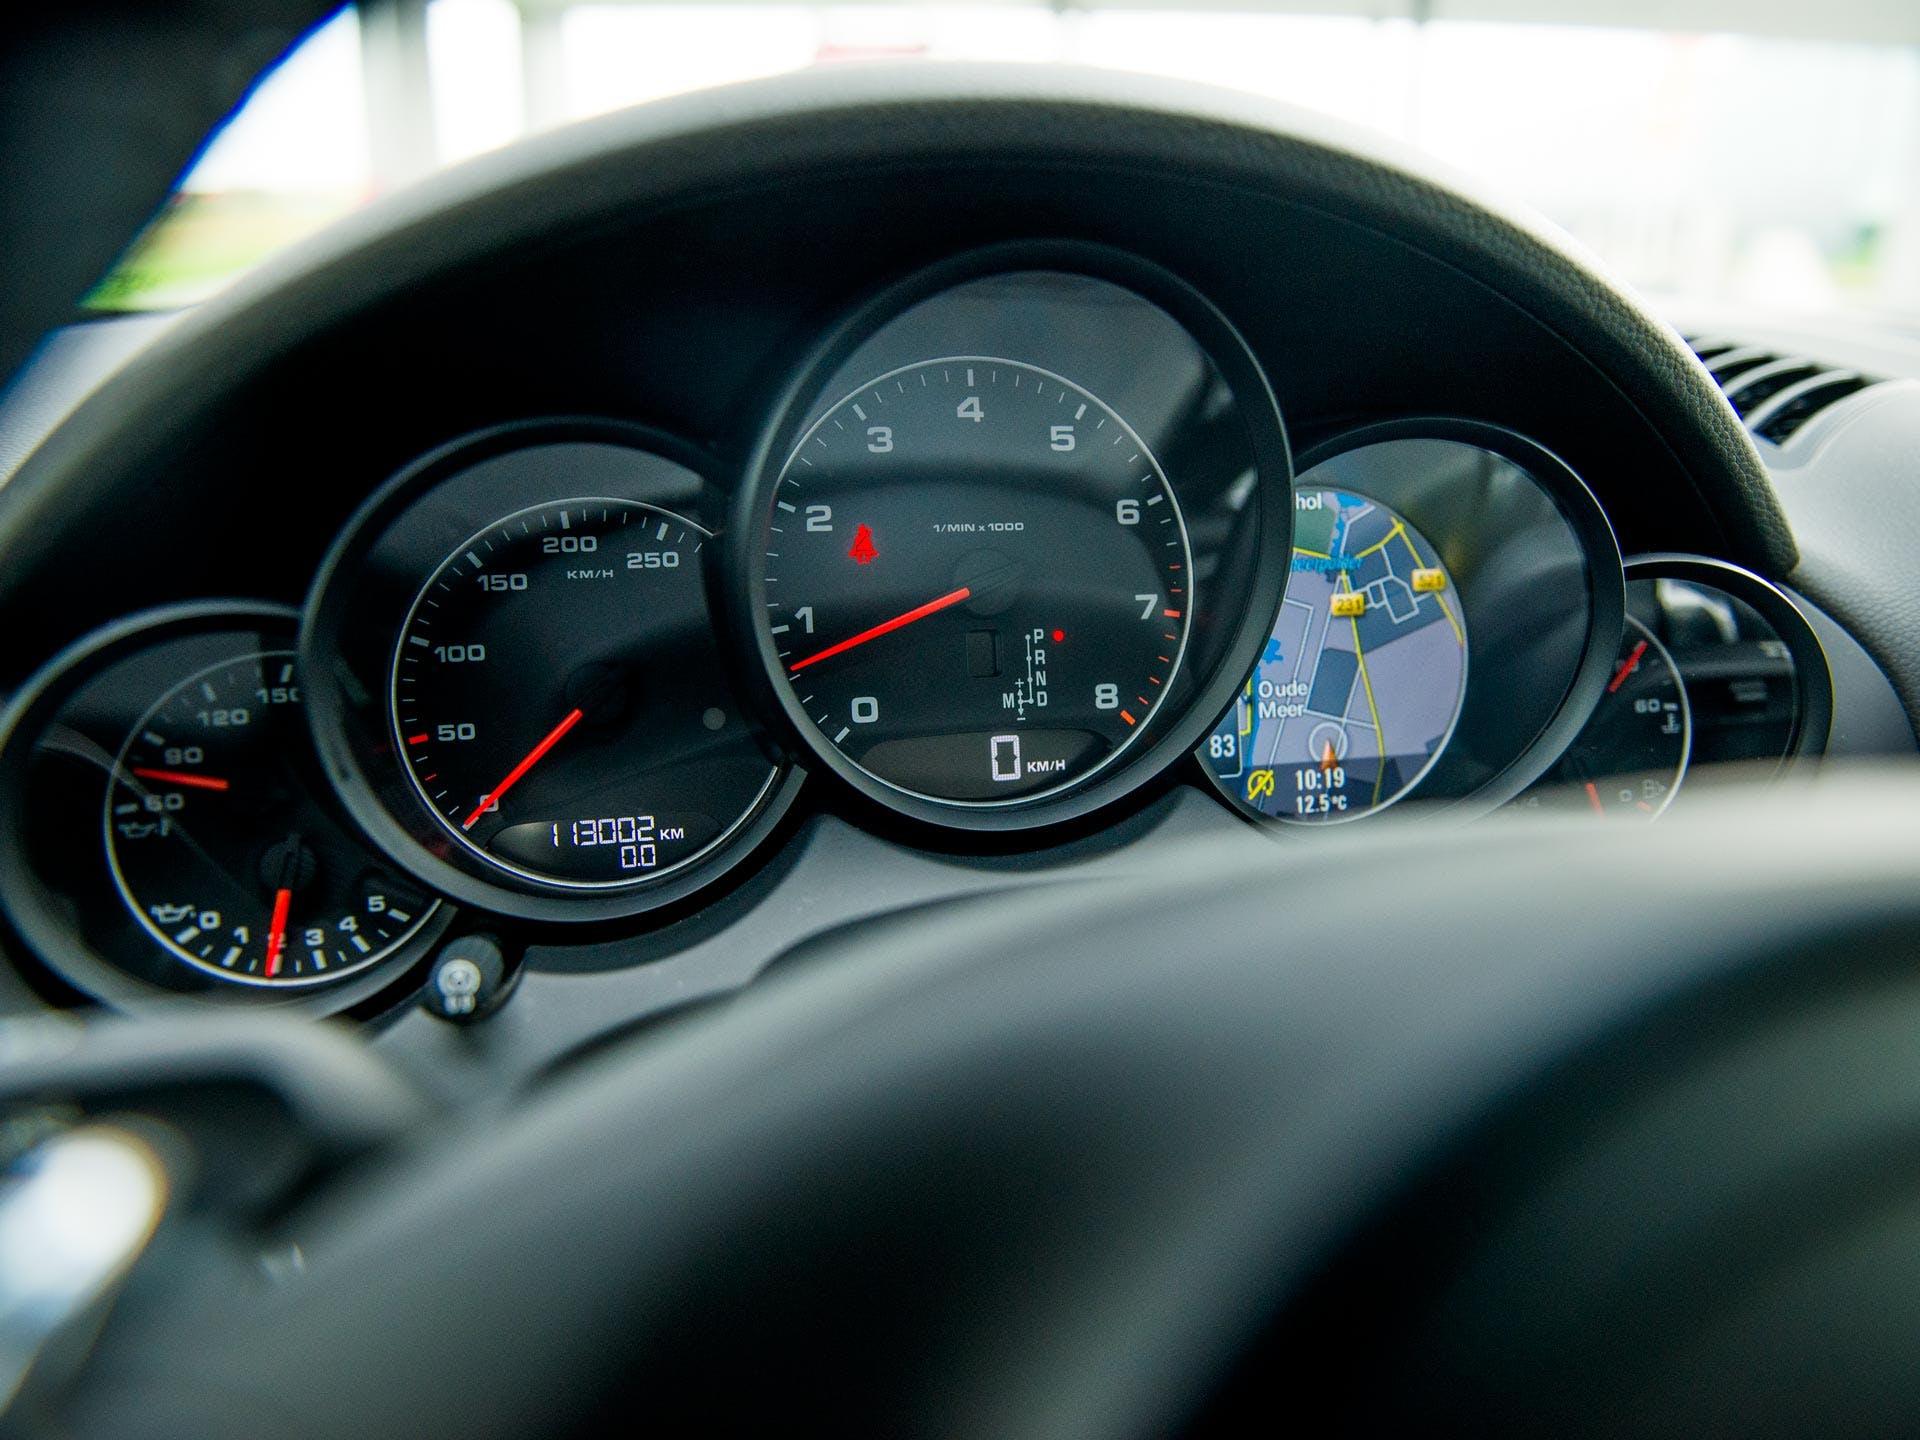 Tweedehands Porsche Cayenne 3.6 2013 occasion